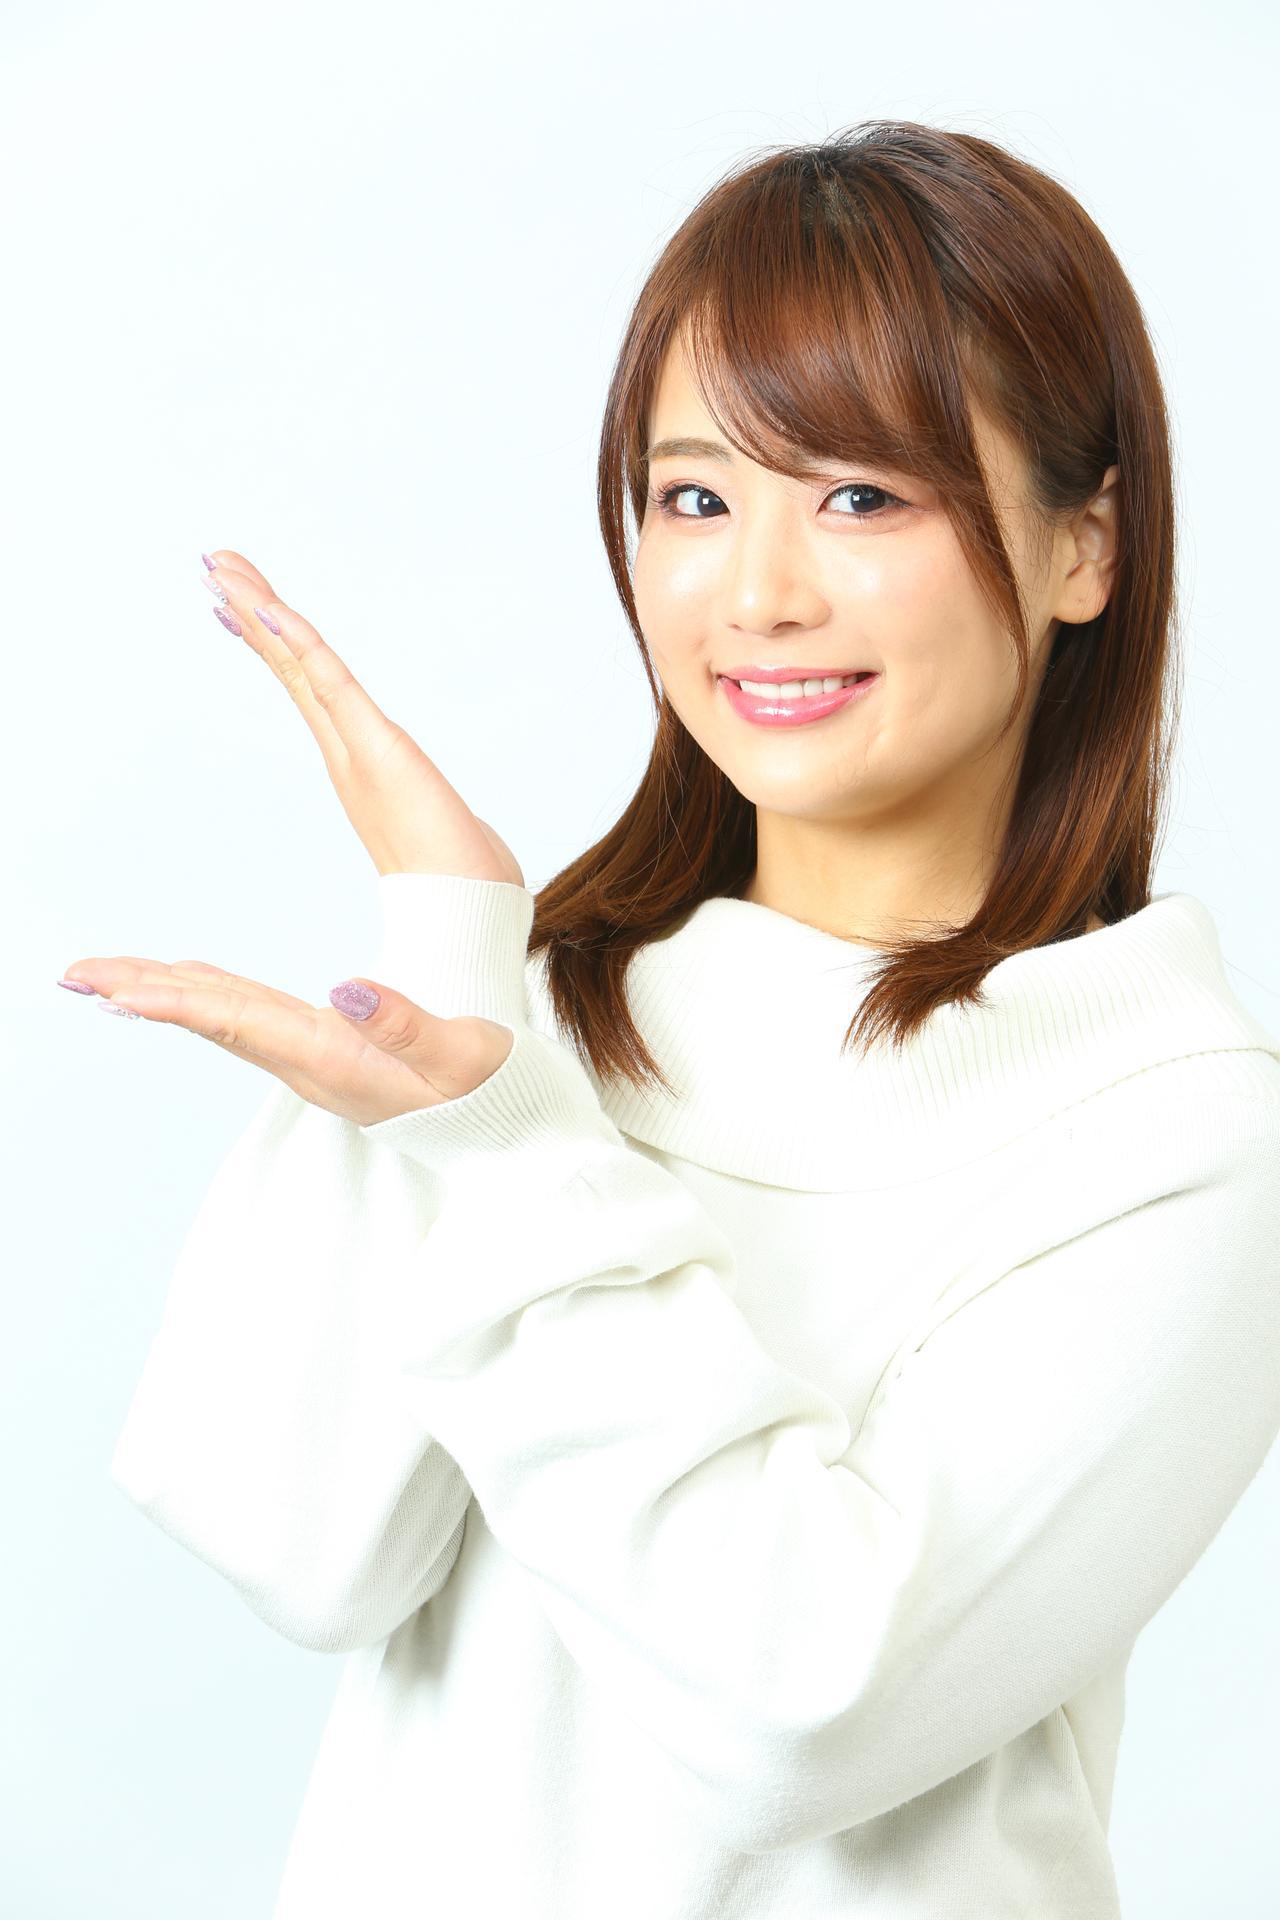 画像6: 平嶋夏海の「つま先メモリアル」 (第2回:KAWASAKI Z650、Ninja650)